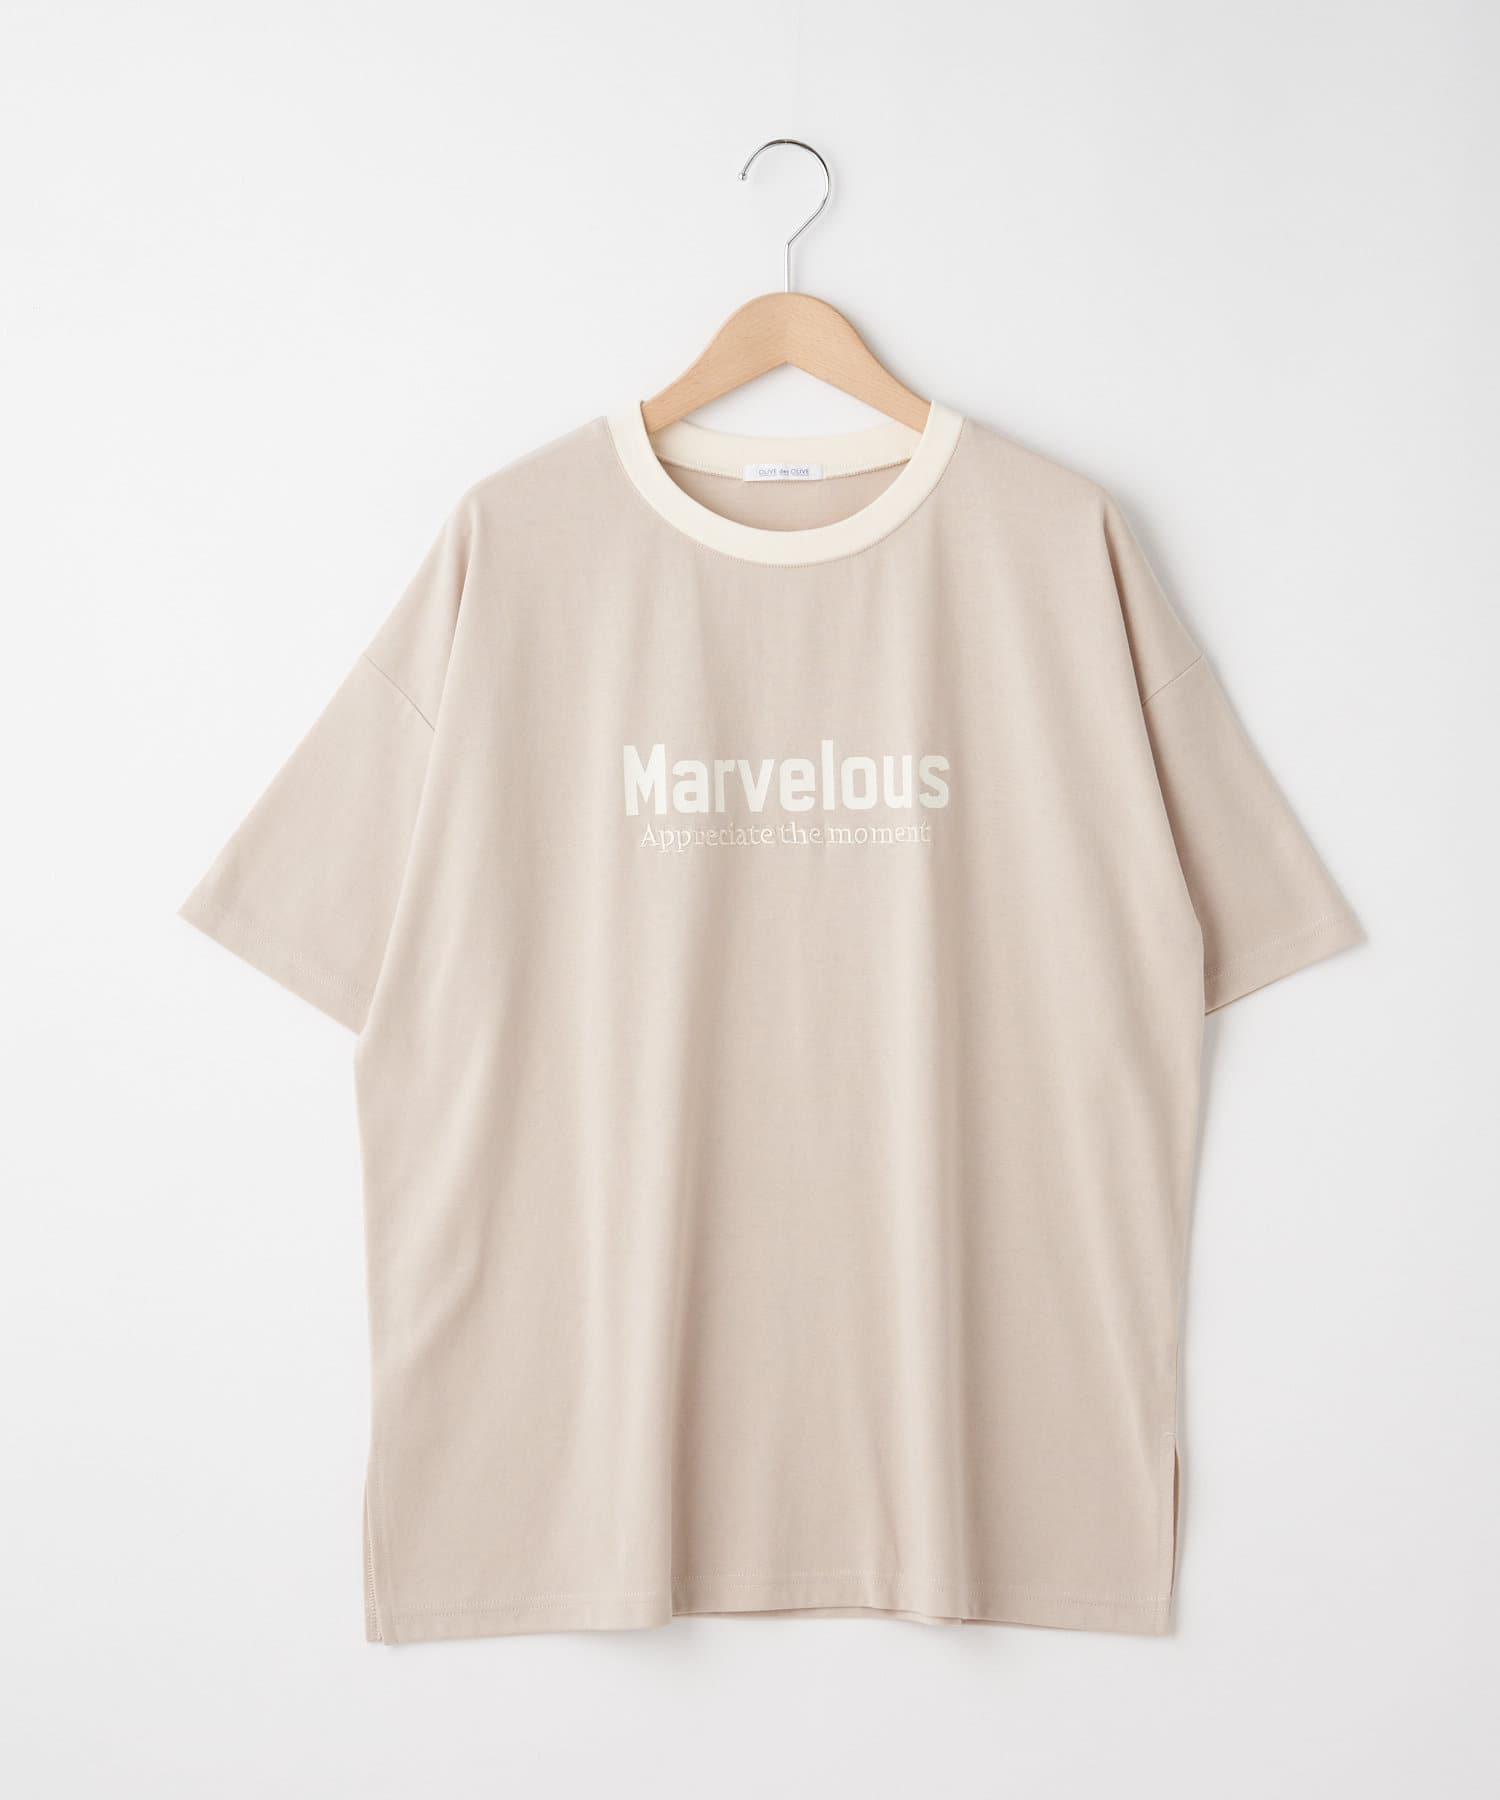 OLIVE des OLIVE OUTLET(オリーブ・デ・オリーブ アウトレット) ロゴ刺繍リンガーTシャツ